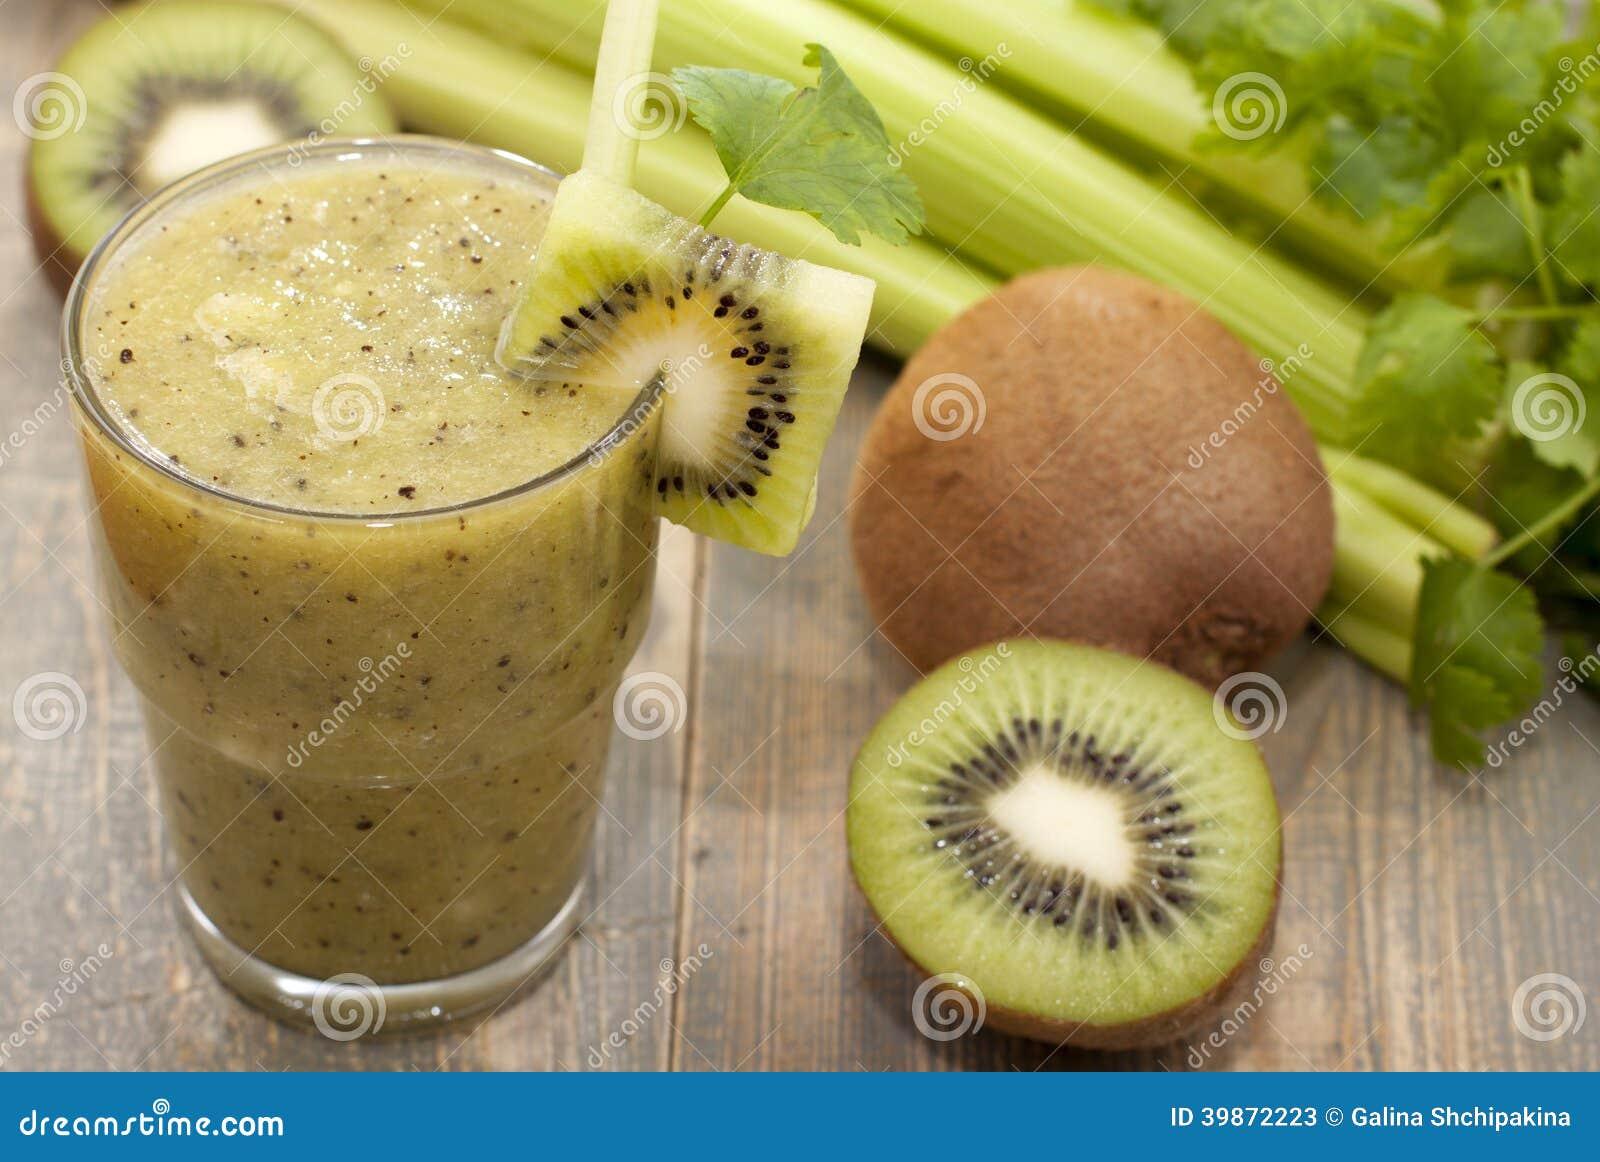 Киви: калорийность, польза и вред, кому его очень